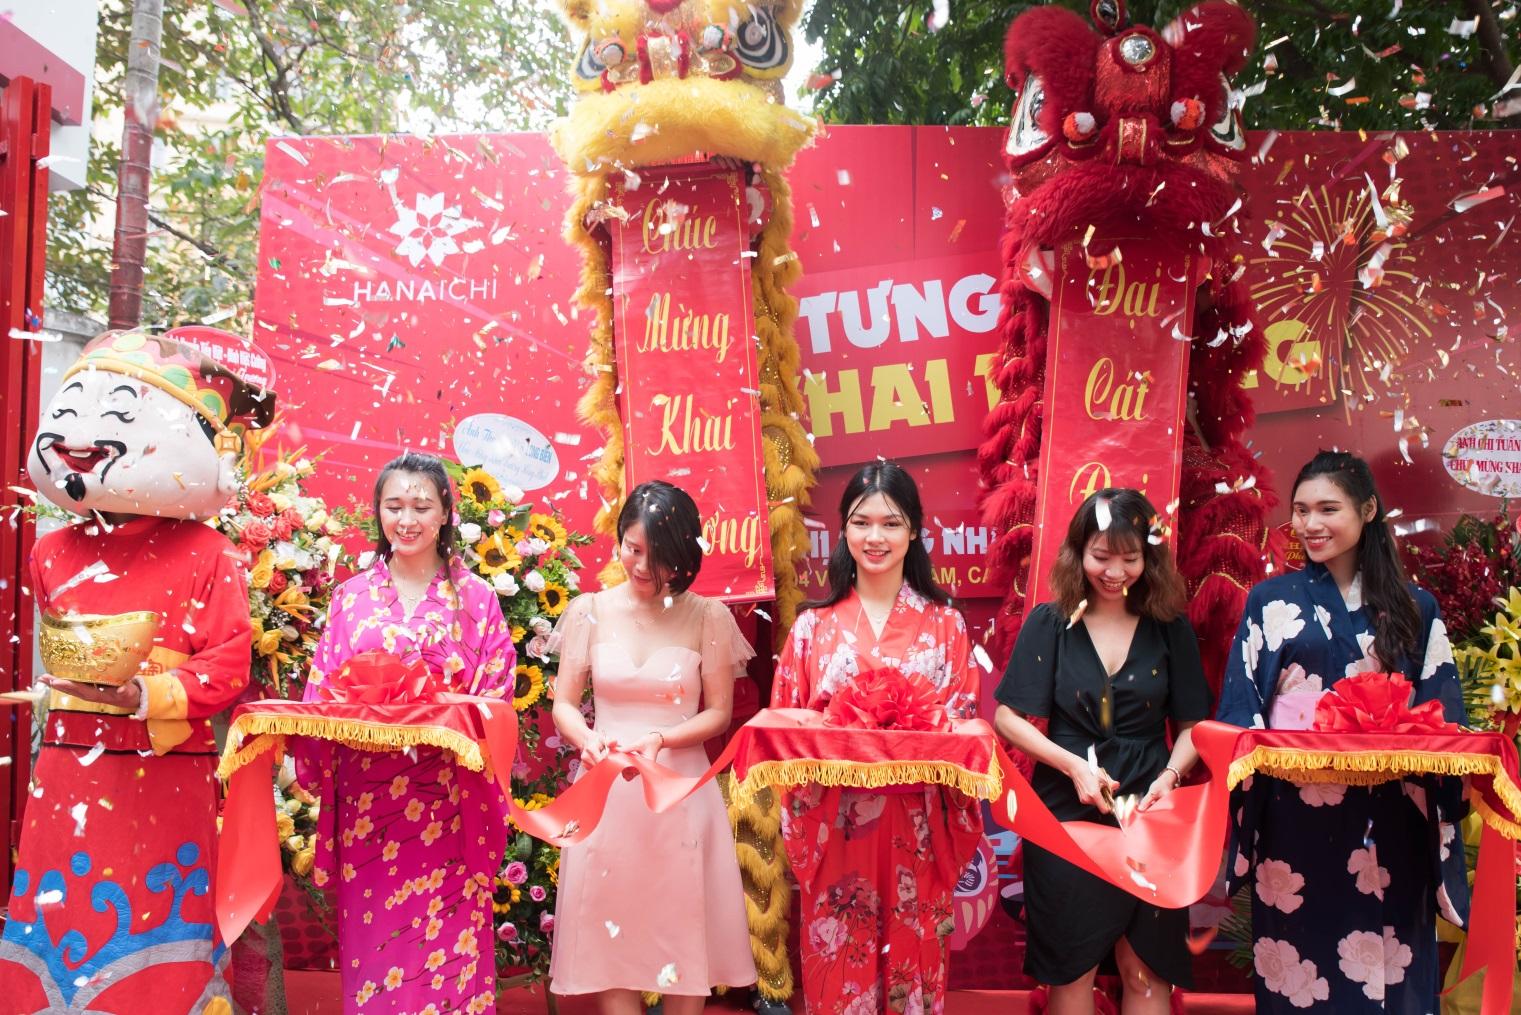 HANAICHI và tham vọng phủ sóng chuỗi siêu thị hàng Nhật nội địa chính hãng, uy tín tại Việt Nam - Ảnh 1.